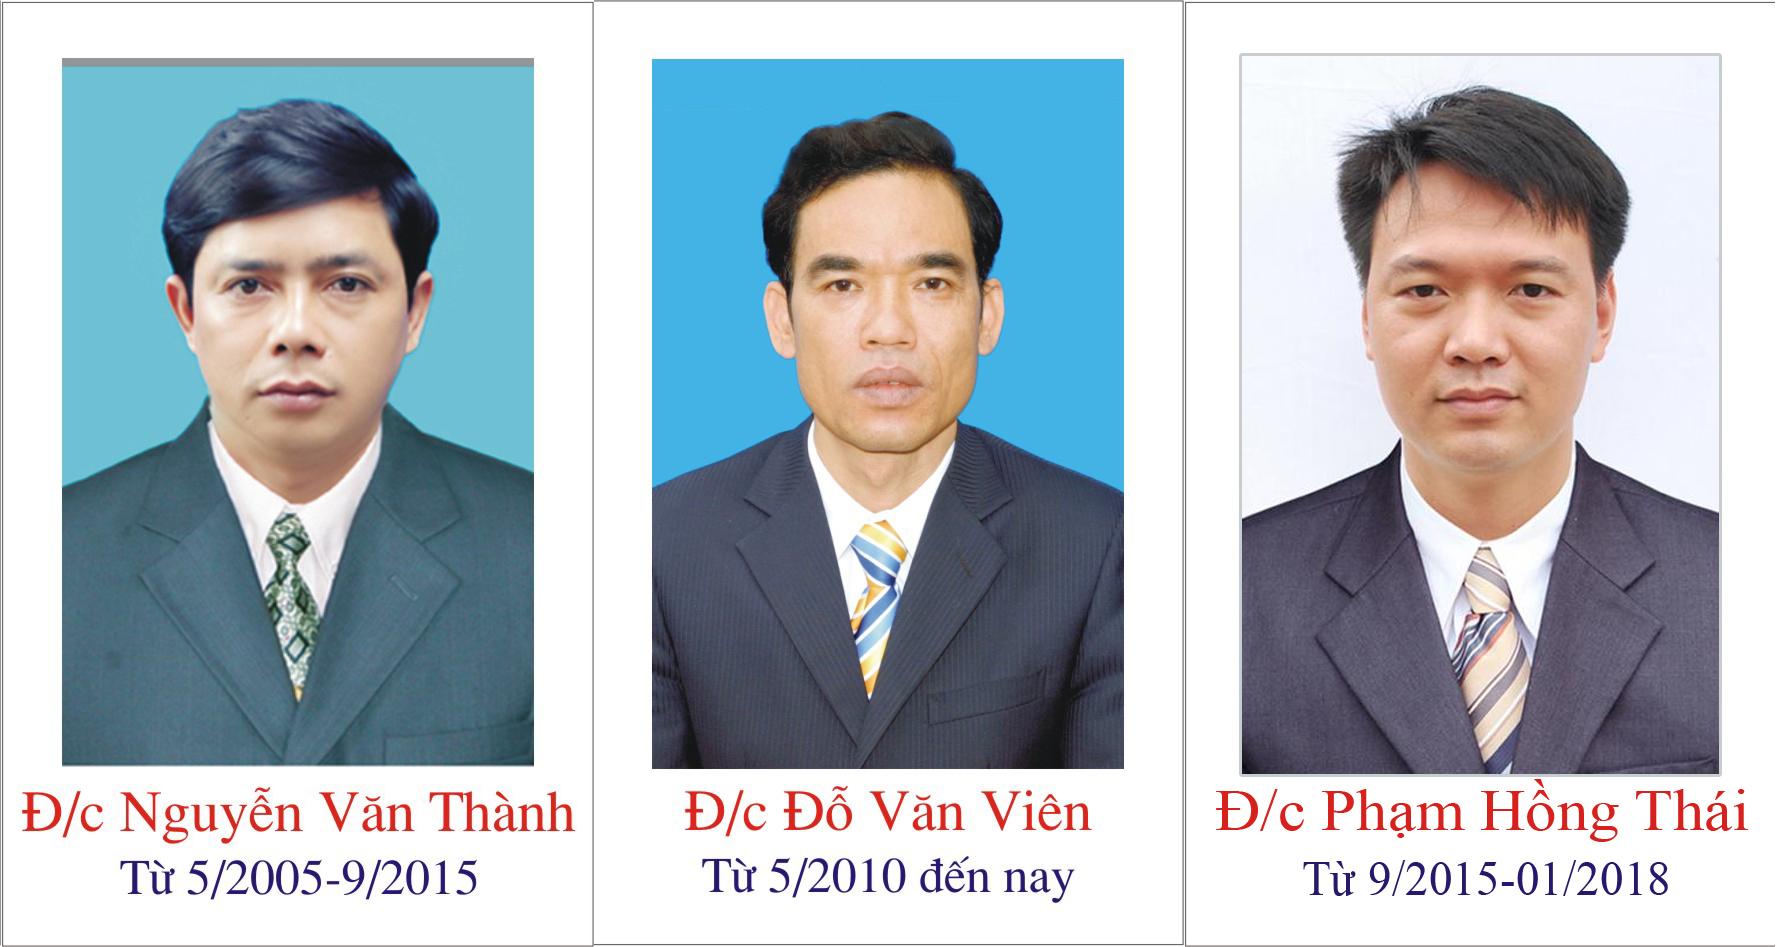 Phó Giám đốc các thời kỳ